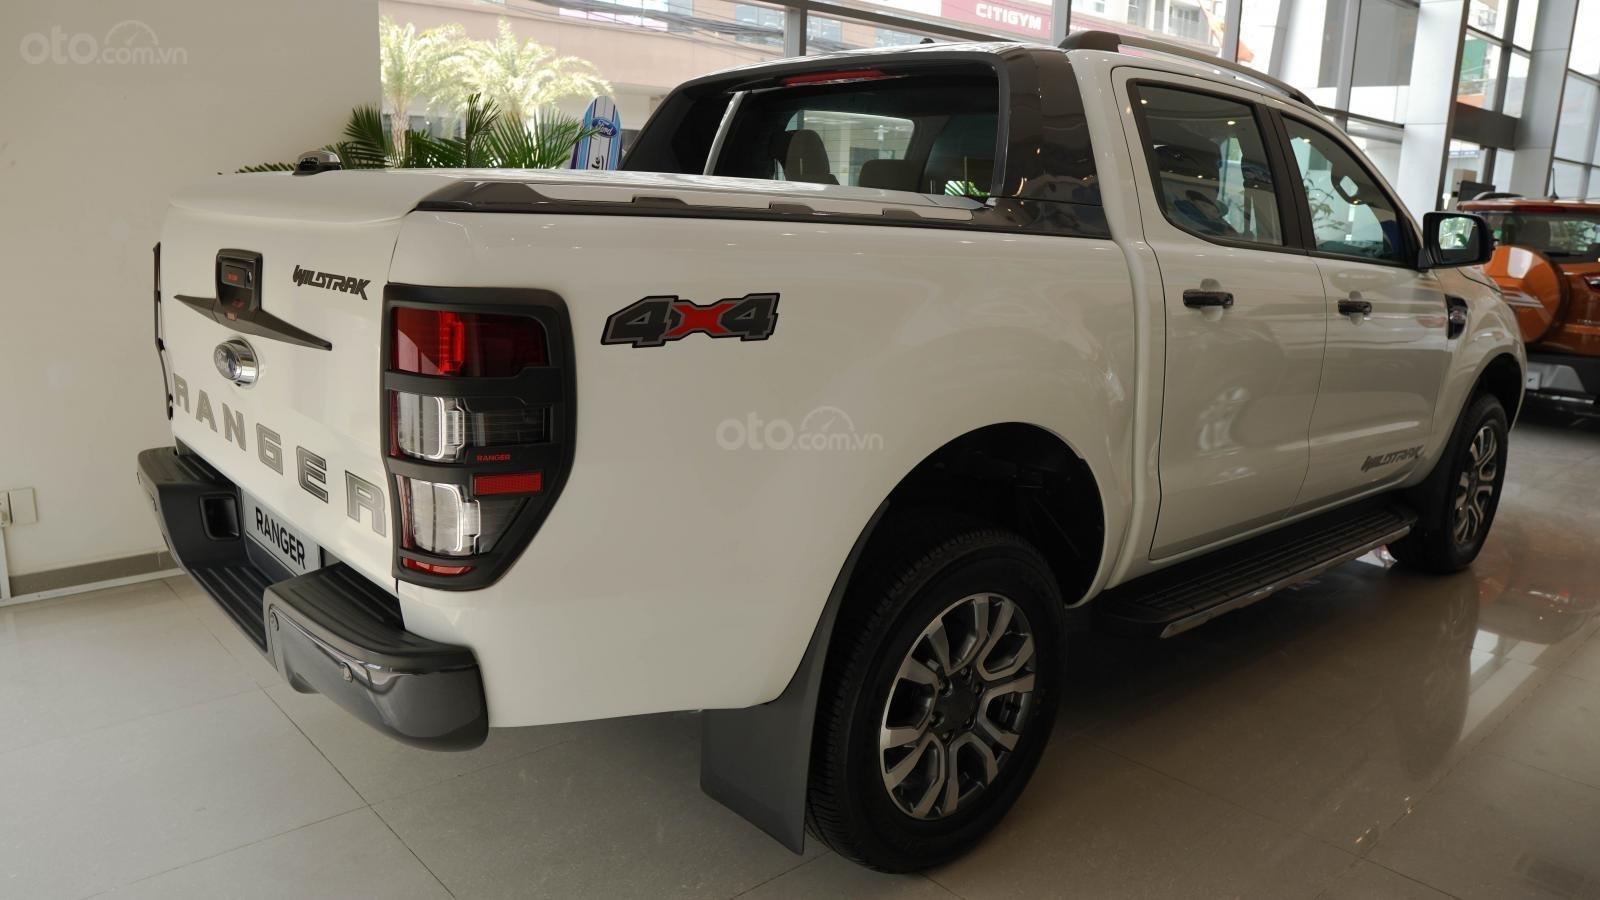 Ford Ranger Wildtrak giảm ngay 30 triệu, tặng phụ kiện giá trị (2)